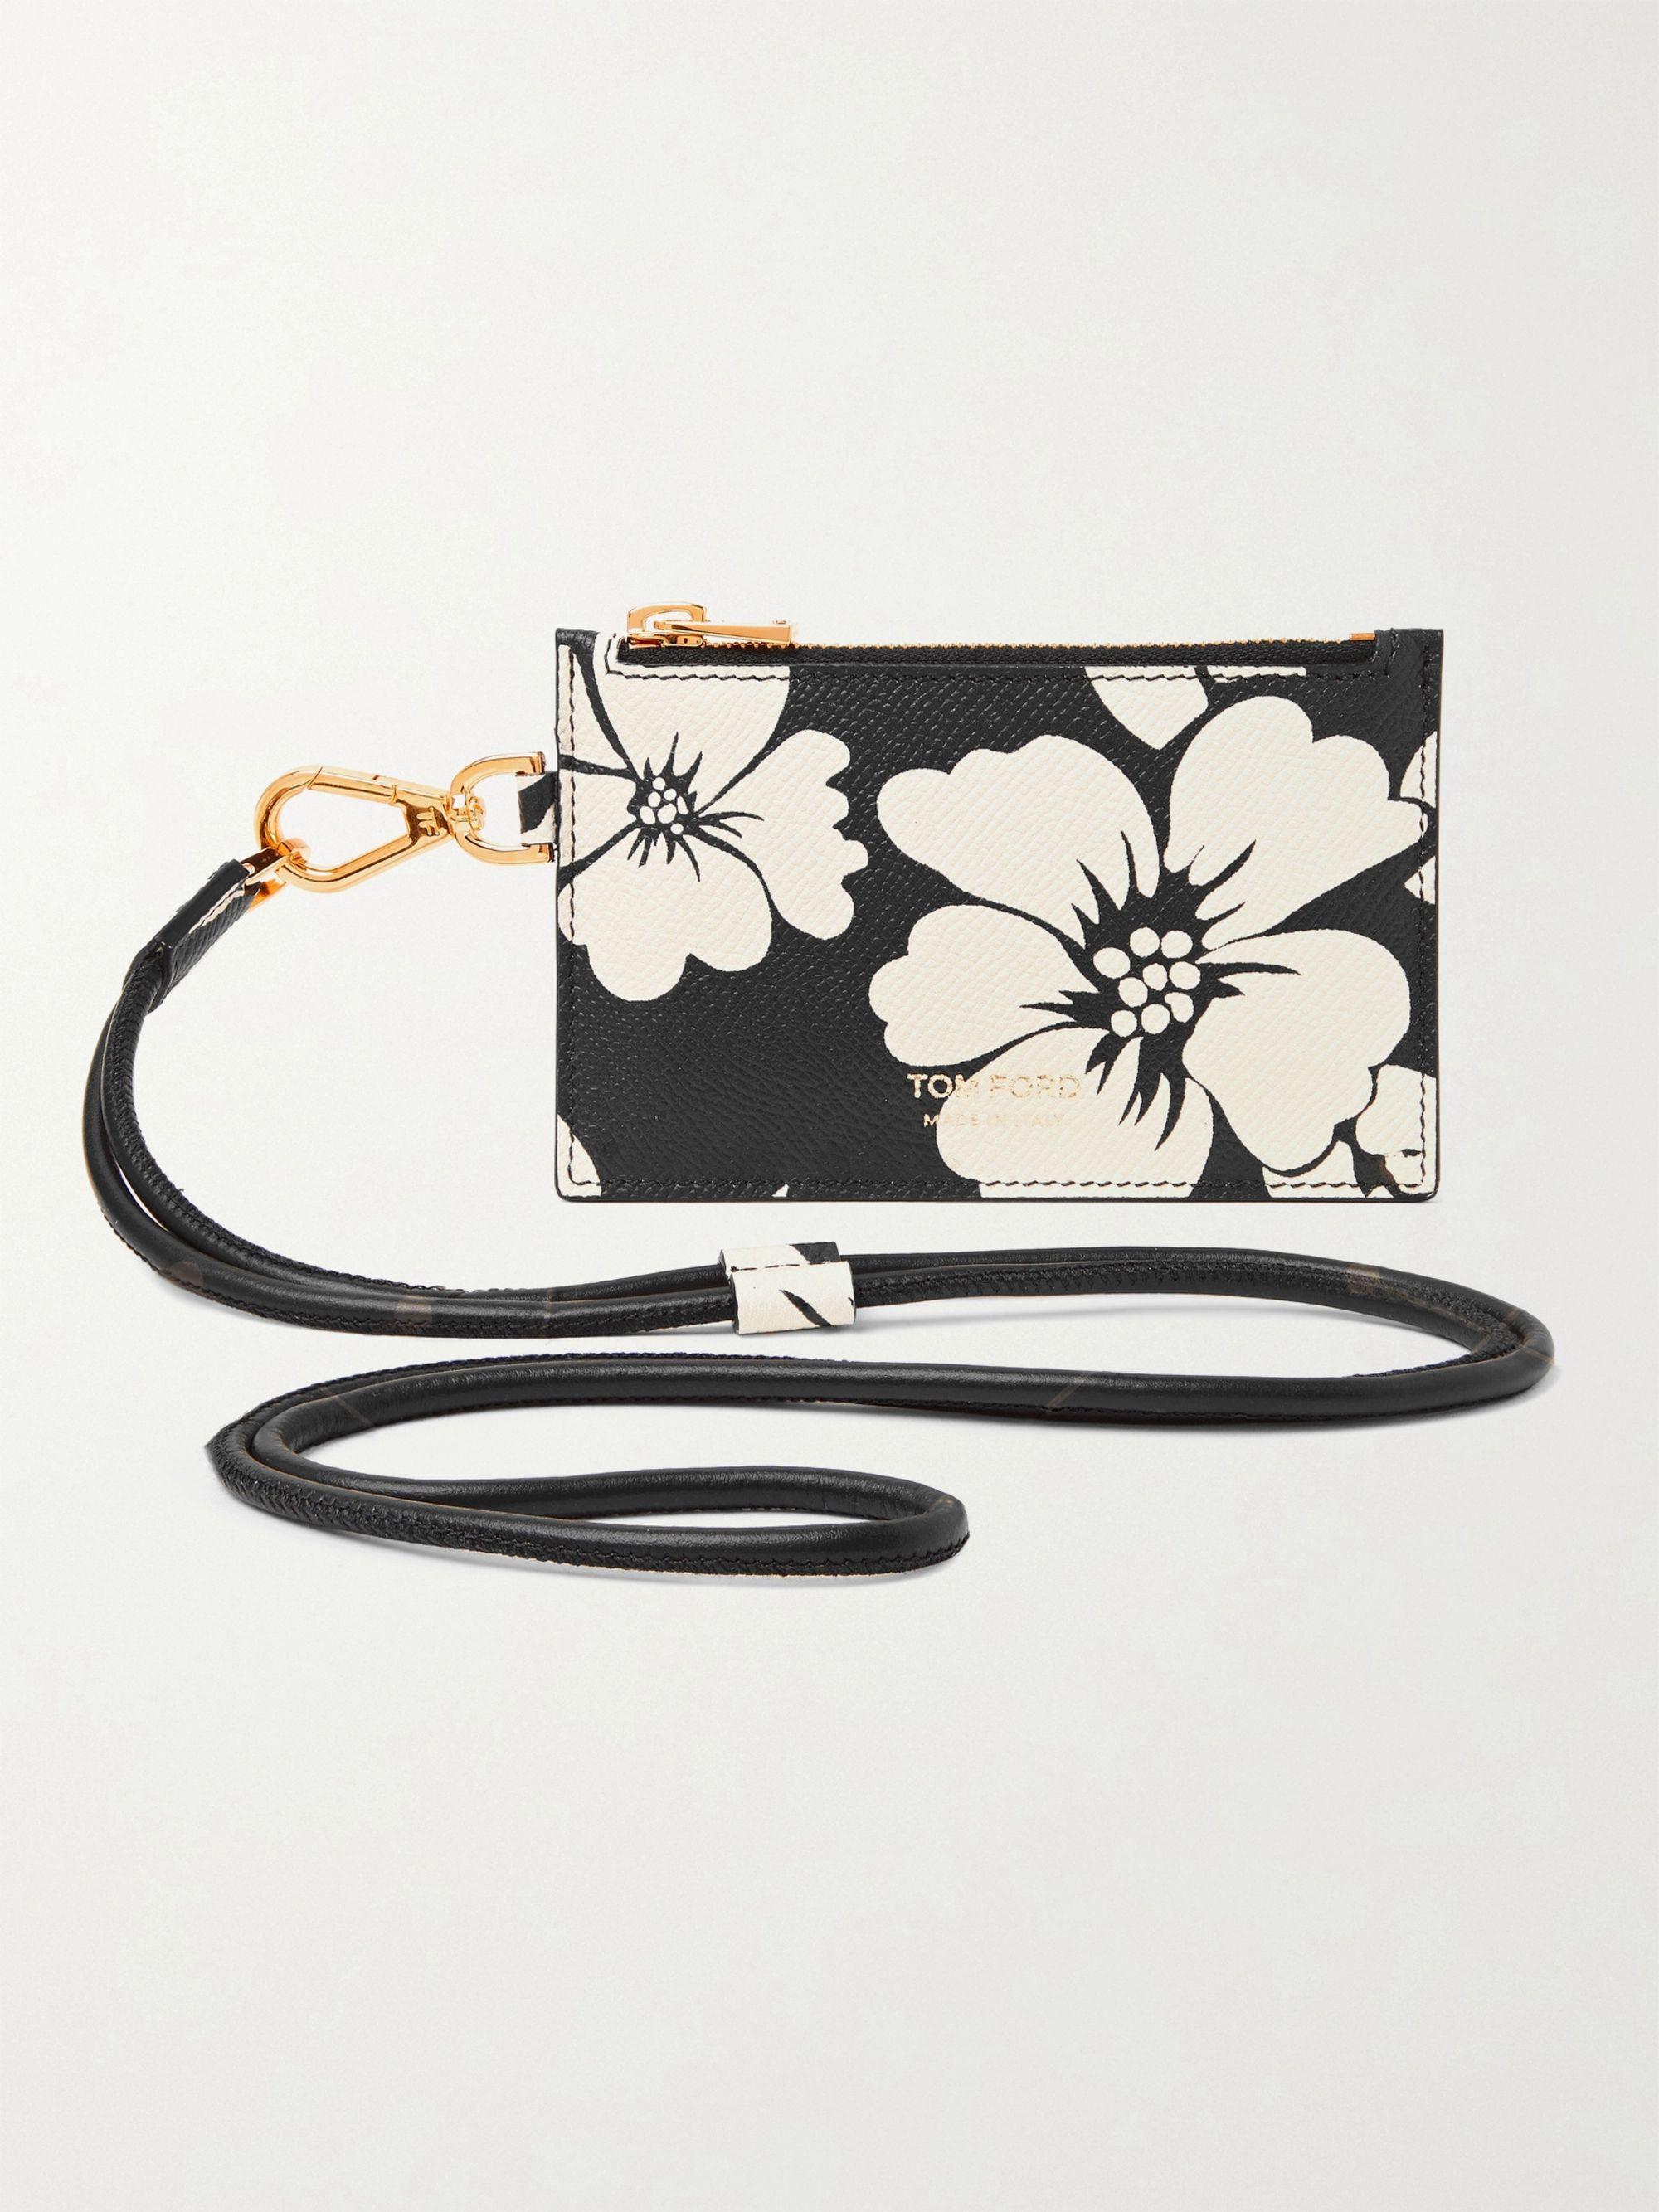 탐 포드 Tom Ford Floral-Print Full-Grain Leather Cardholder with Lanyard,Black